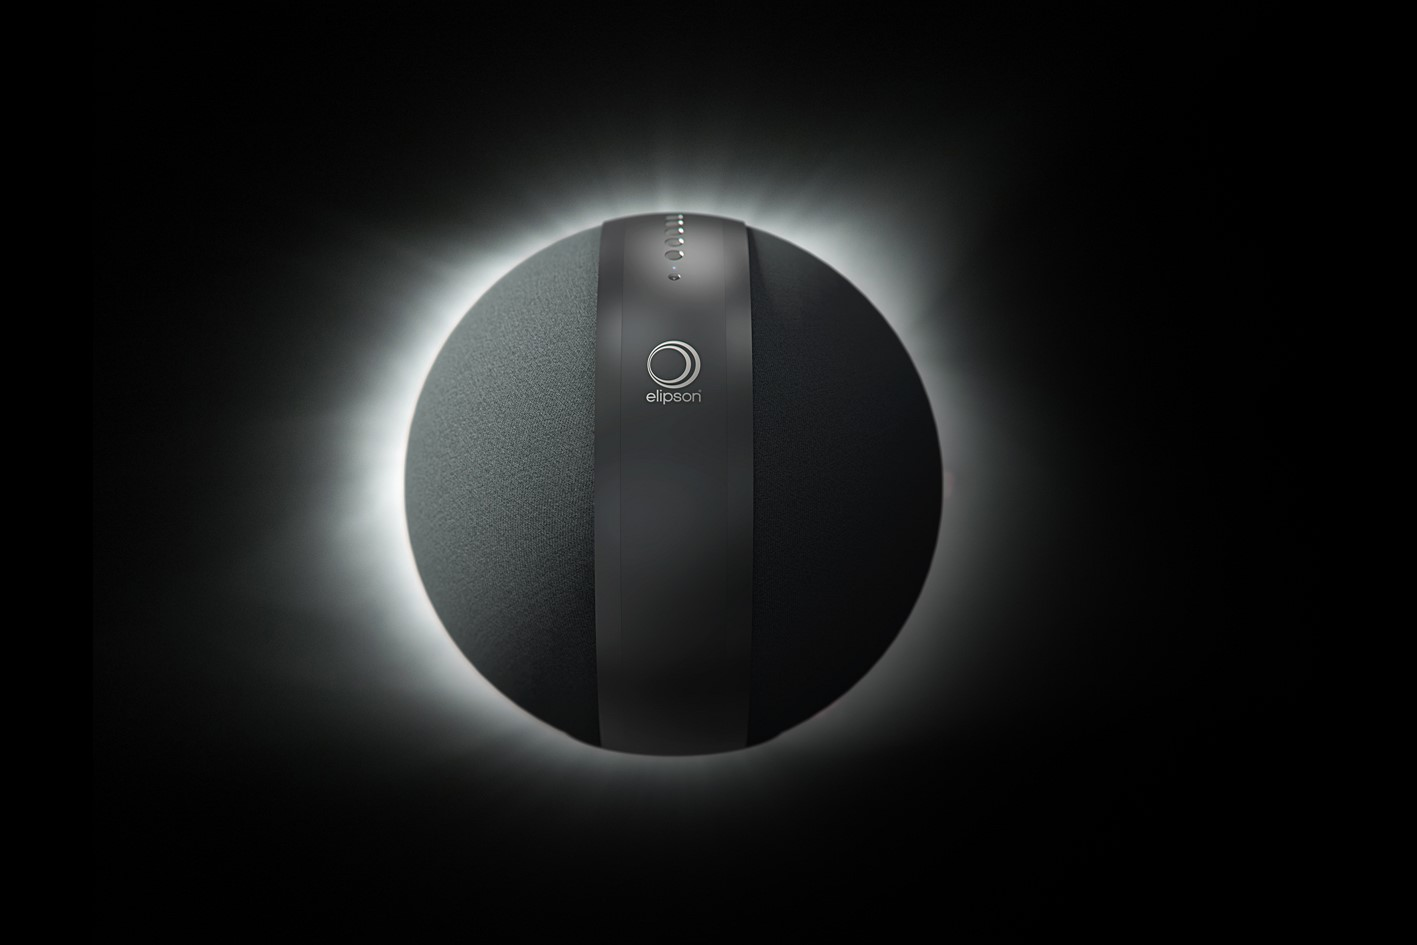 W35 eclipse